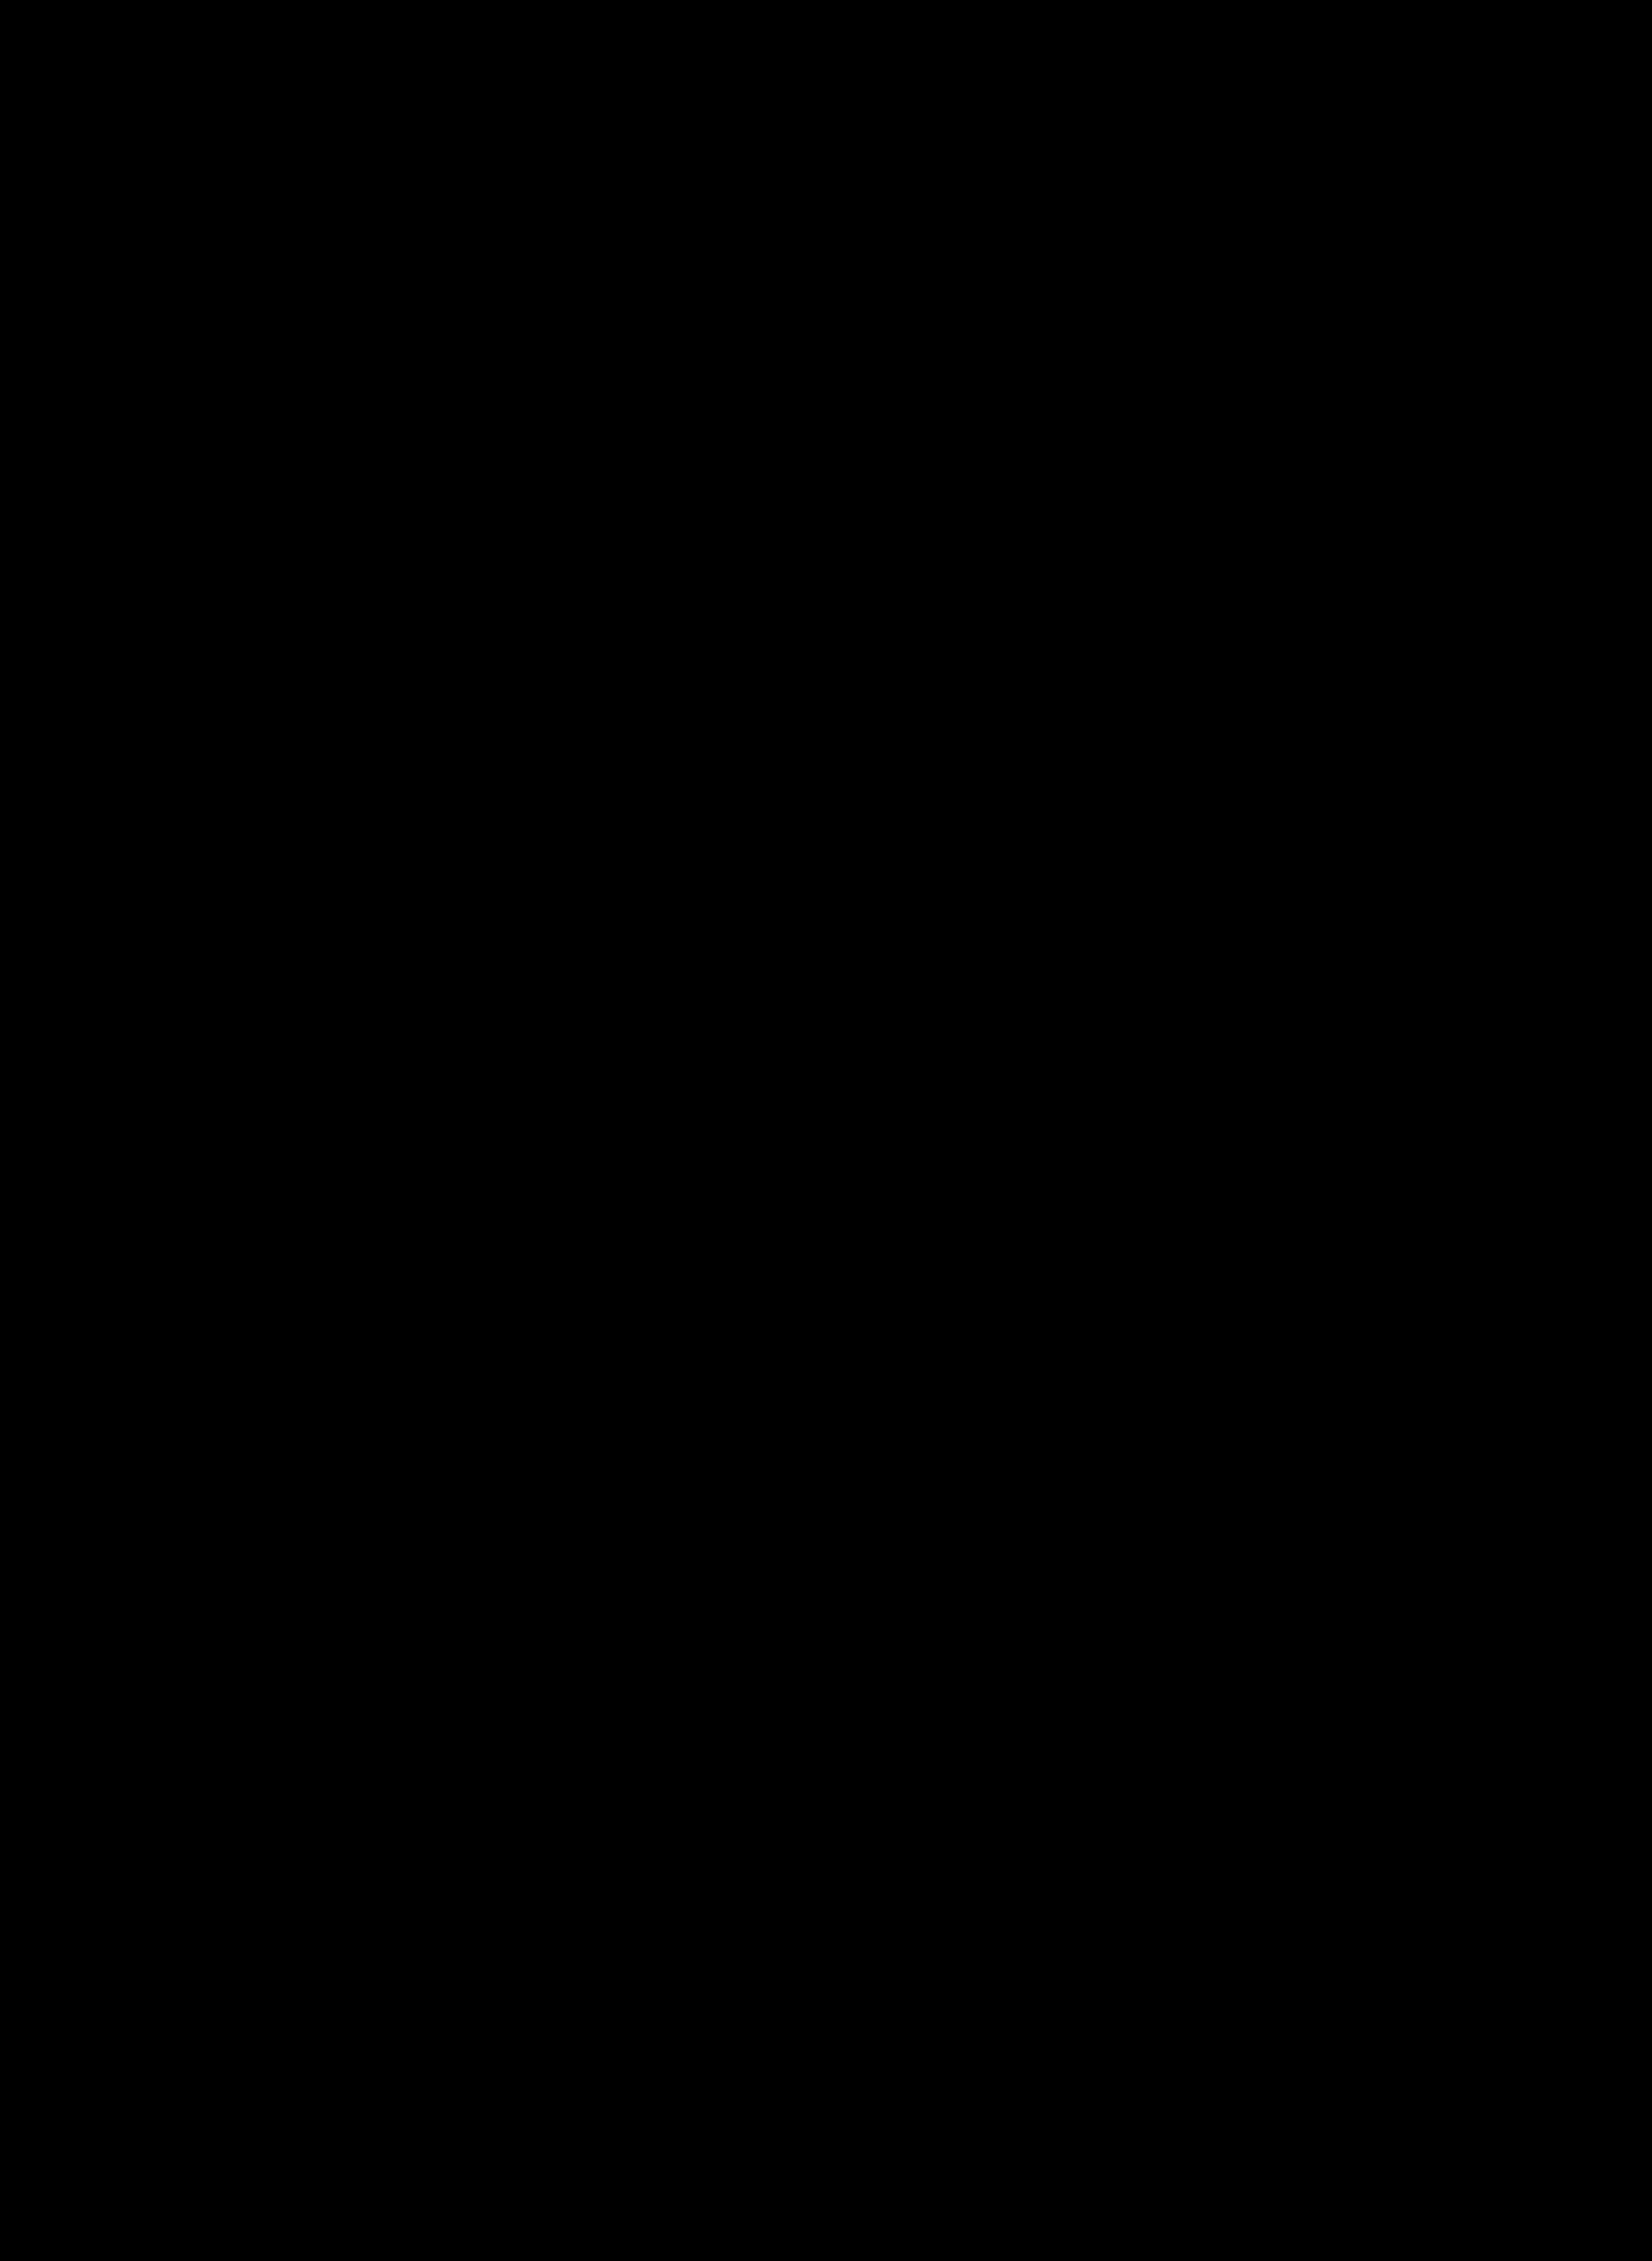 Schwedischer Beistelltisch des 19. Jahrhunderts mit Rautenmuster